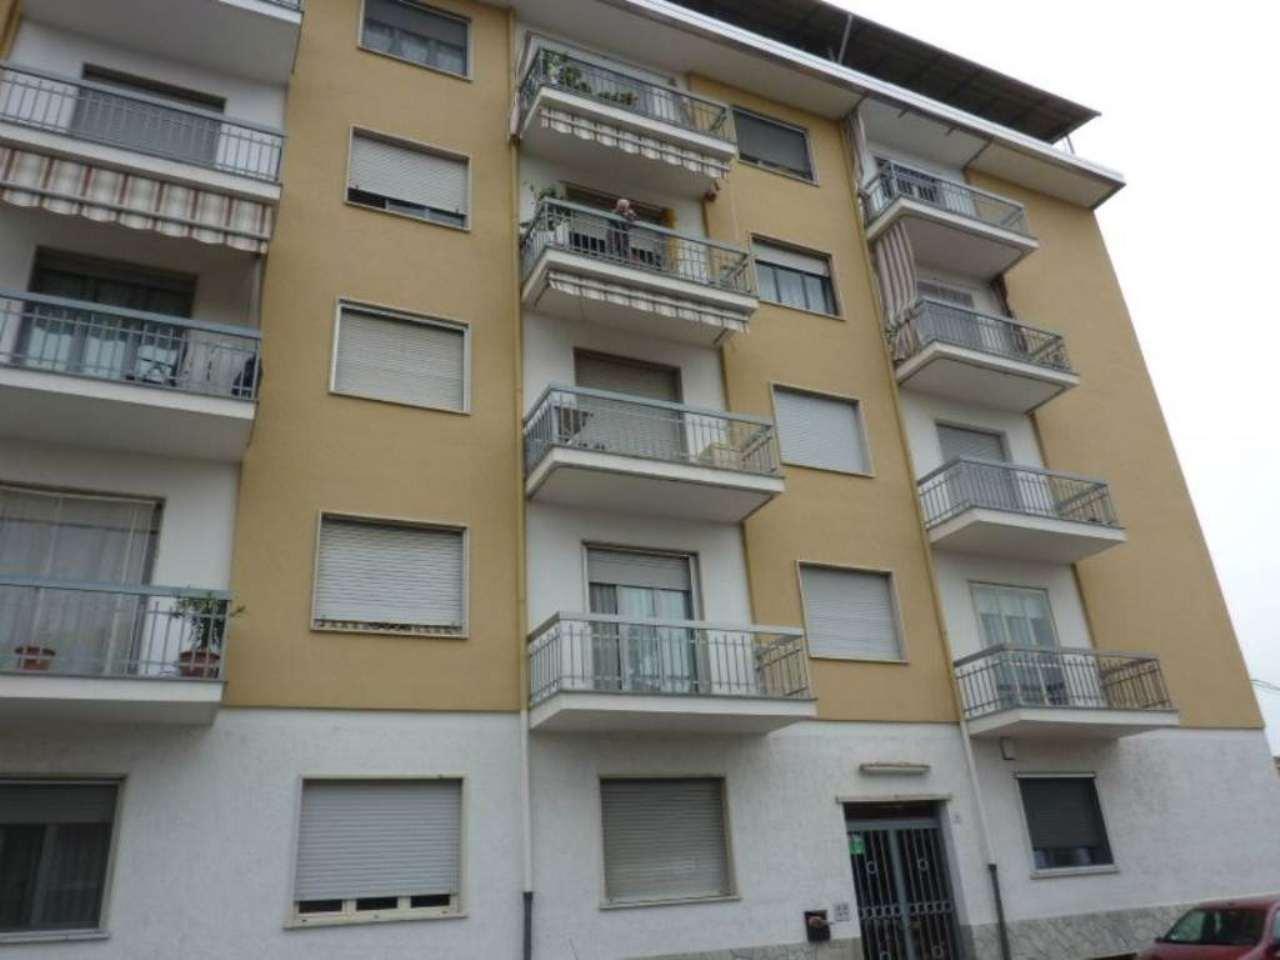 Appartamento in vendita a None, 2 locali, prezzo € 50.000 | Cambio Casa.it